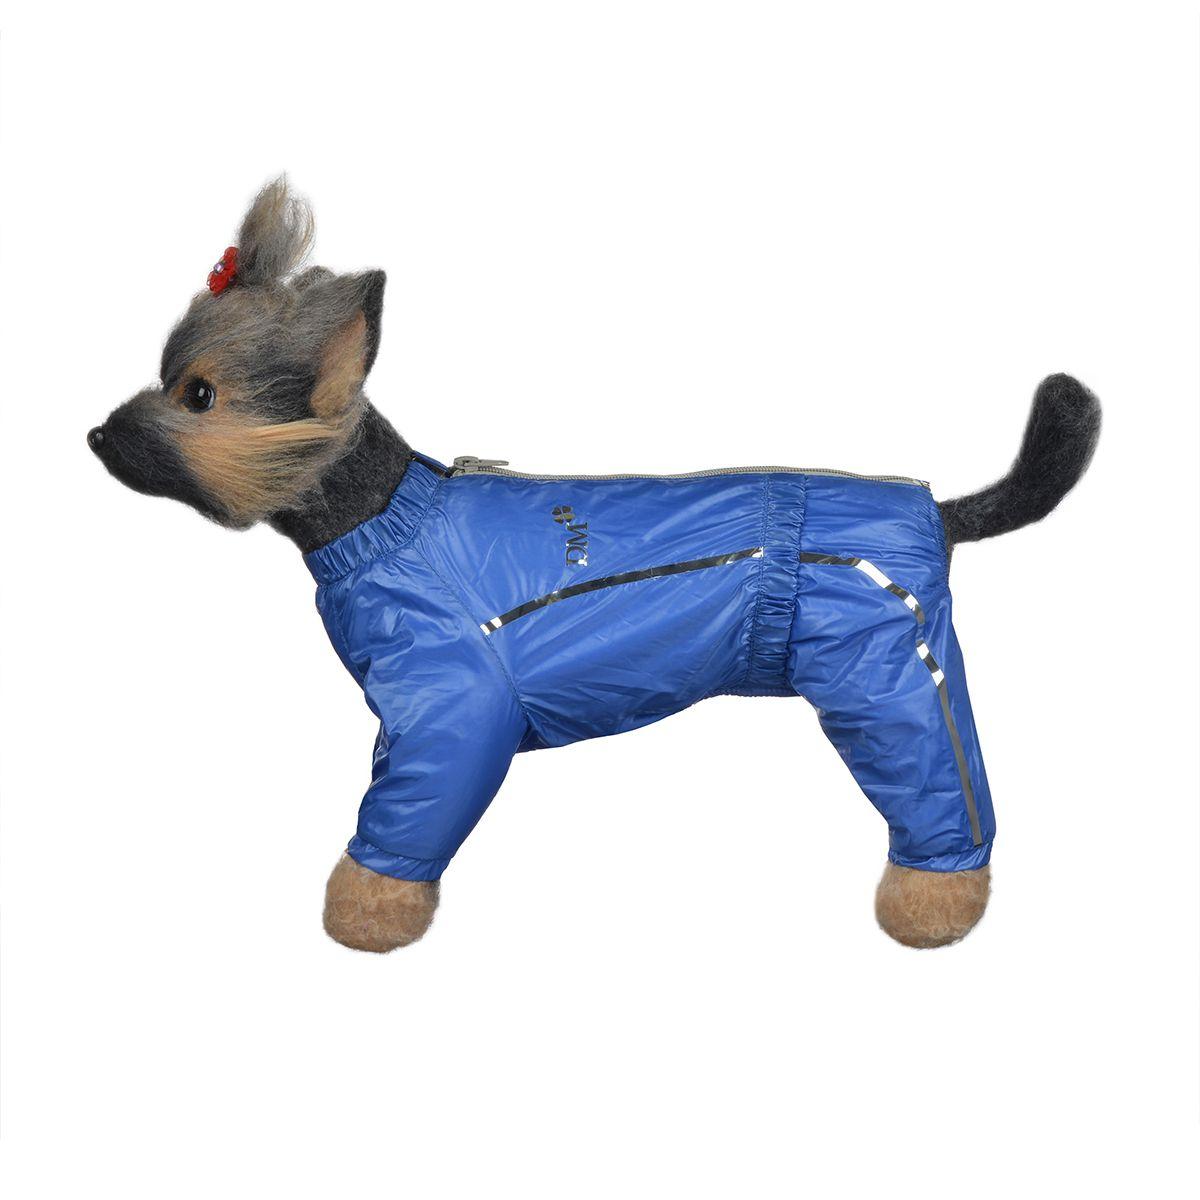 Комбинезон для собак Dogmoda Альпы, для мальчика, цвет: синий. Размер 3 (L)DM-150329-3Комбинезон для собак Dogmoda Альпы отлично подойдет для прогулок поздней осенью или ранней весной. Комбинезон изготовлен из полиэстера, защищающего от ветра и осадков, с подкладкой из флиса, которая сохранит тепло и обеспечит отличный воздухообмен. Комбинезон застегивается на молнию и липучку, благодаря чему его легко надевать и снимать. Ворот, низ рукавов и брючин оснащены внутренними резинками, которые мягко обхватывают шею и лапки, не позволяя просачиваться холодному воздуху. На пояснице имеется внутренняя резинка. Изделие декорировано серебристыми полосками и надписью DM. Благодаря такому комбинезону простуда не грозит вашему питомцу и он не даст любимцу продрогнуть на прогулке.